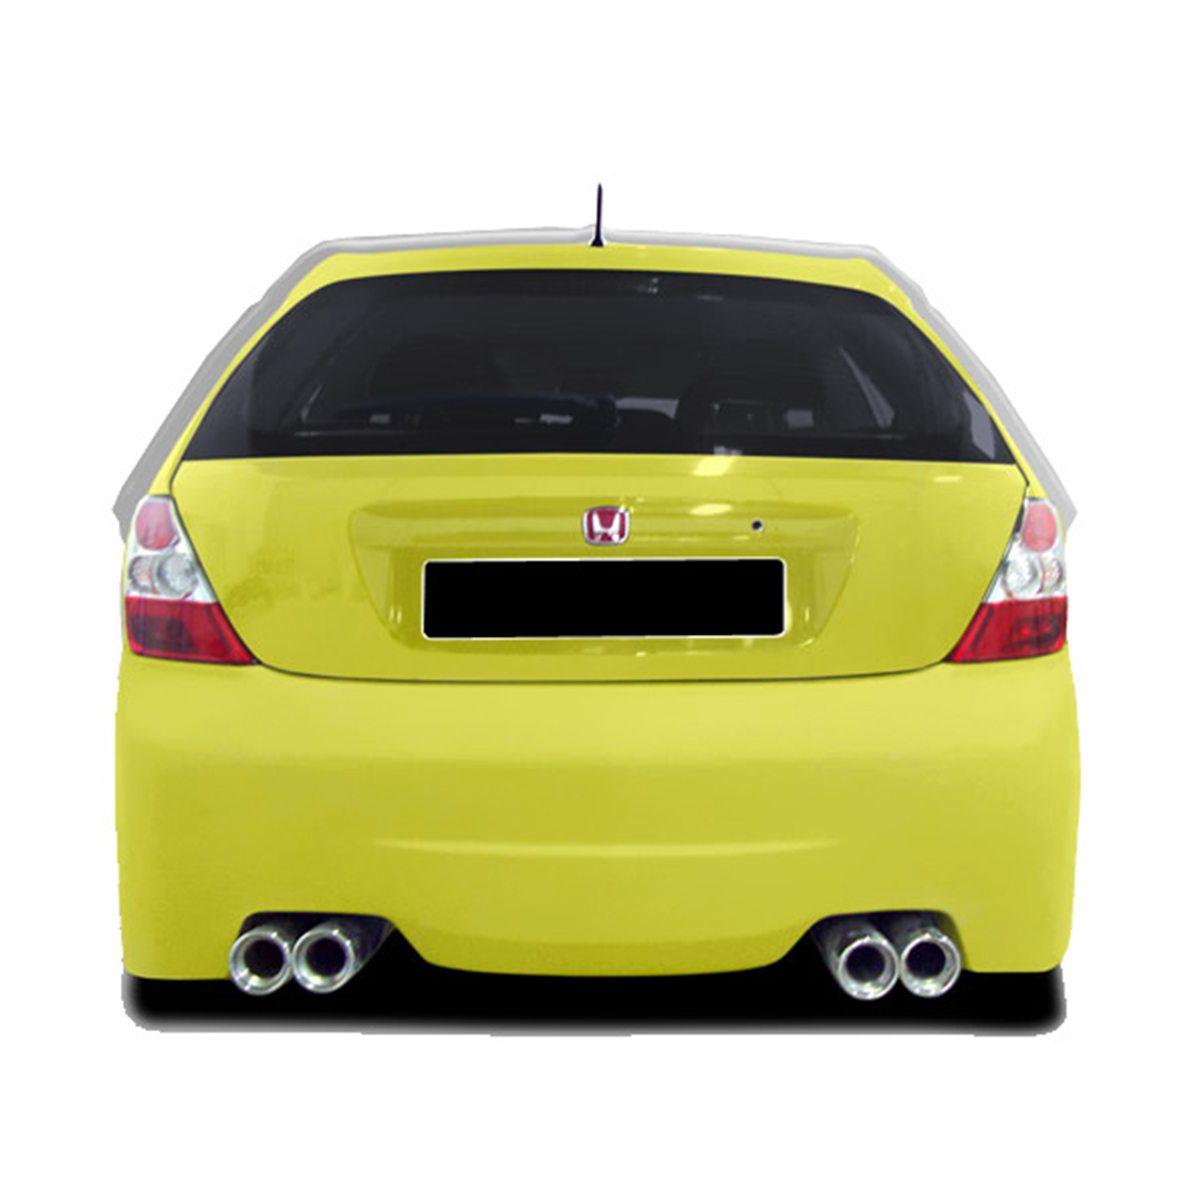 Honda-Civic-02-Blast-Tras-PCS098